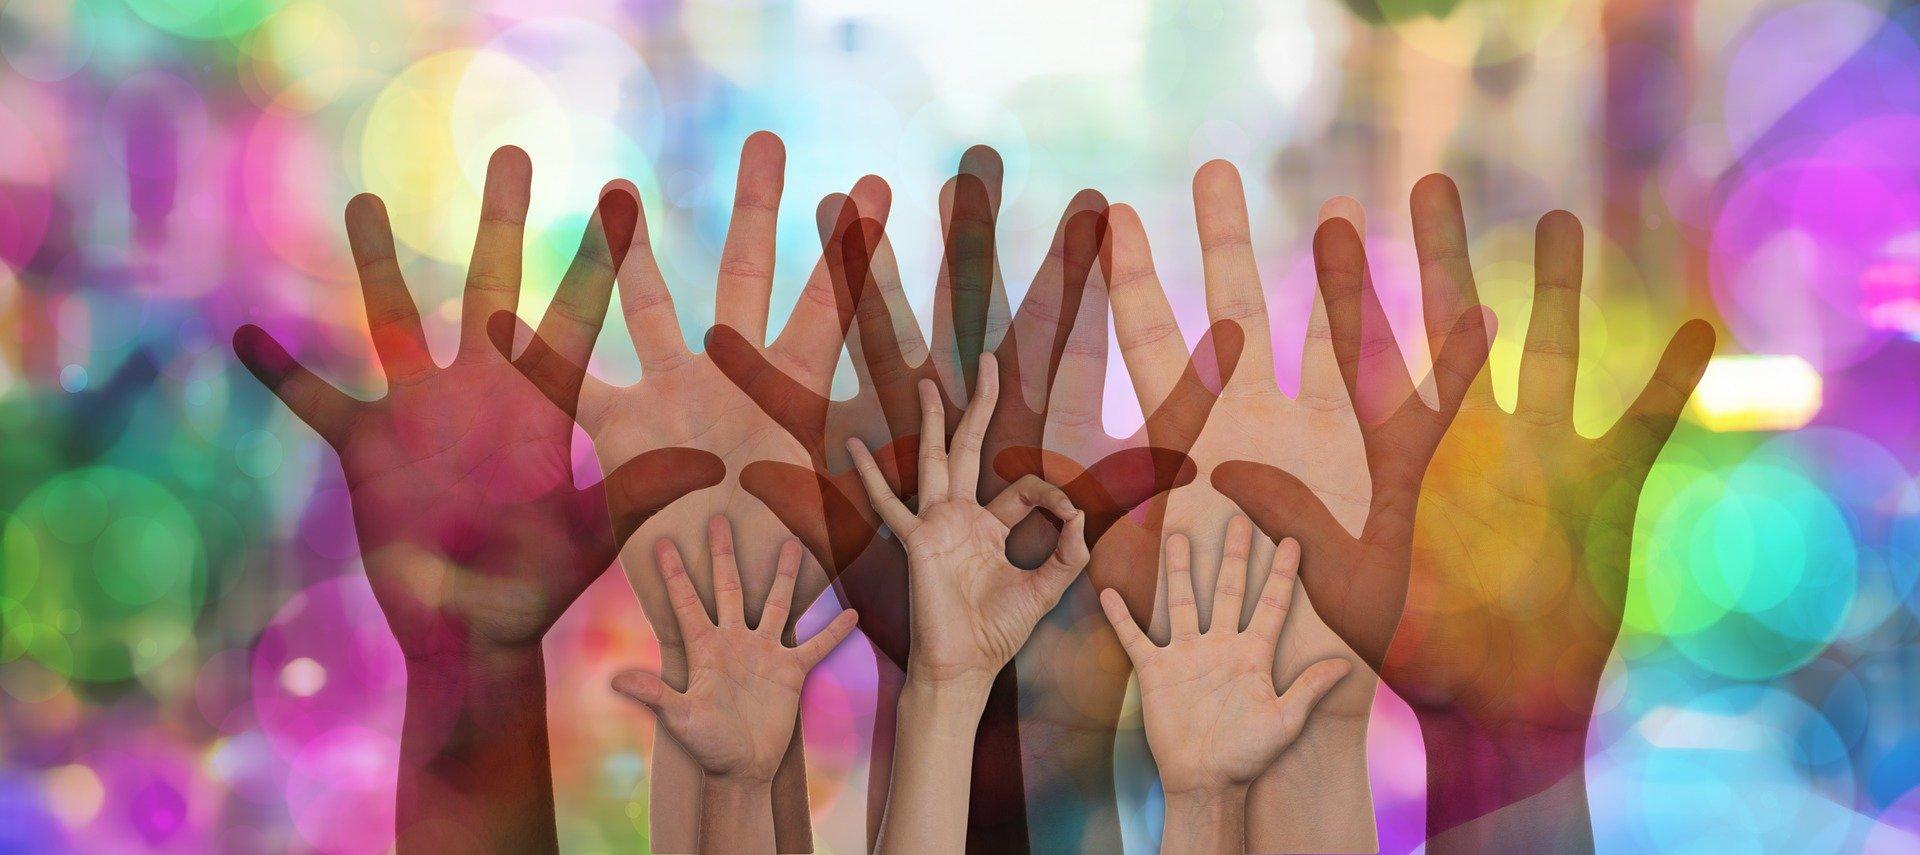 Mains levées pour symboliser le bénévolat.